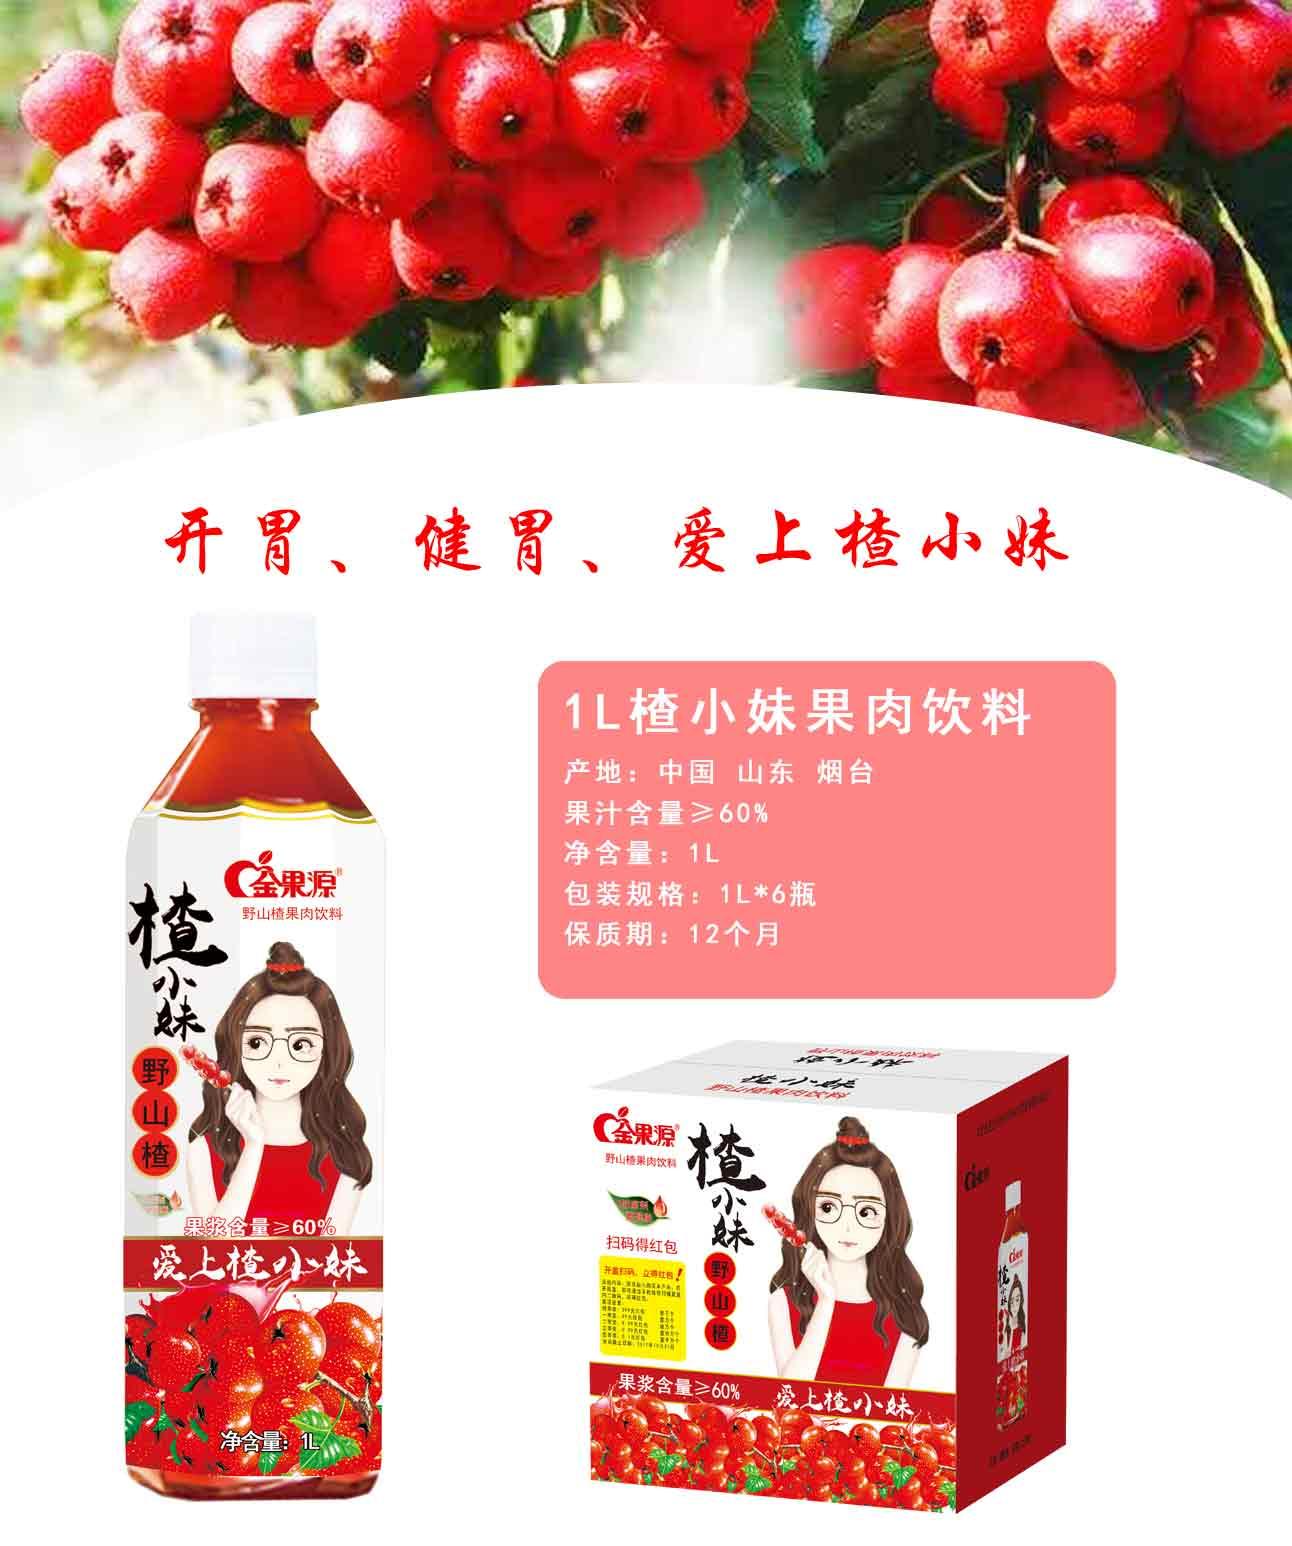 山东官方山楂果汁优选企业,山楂果汁